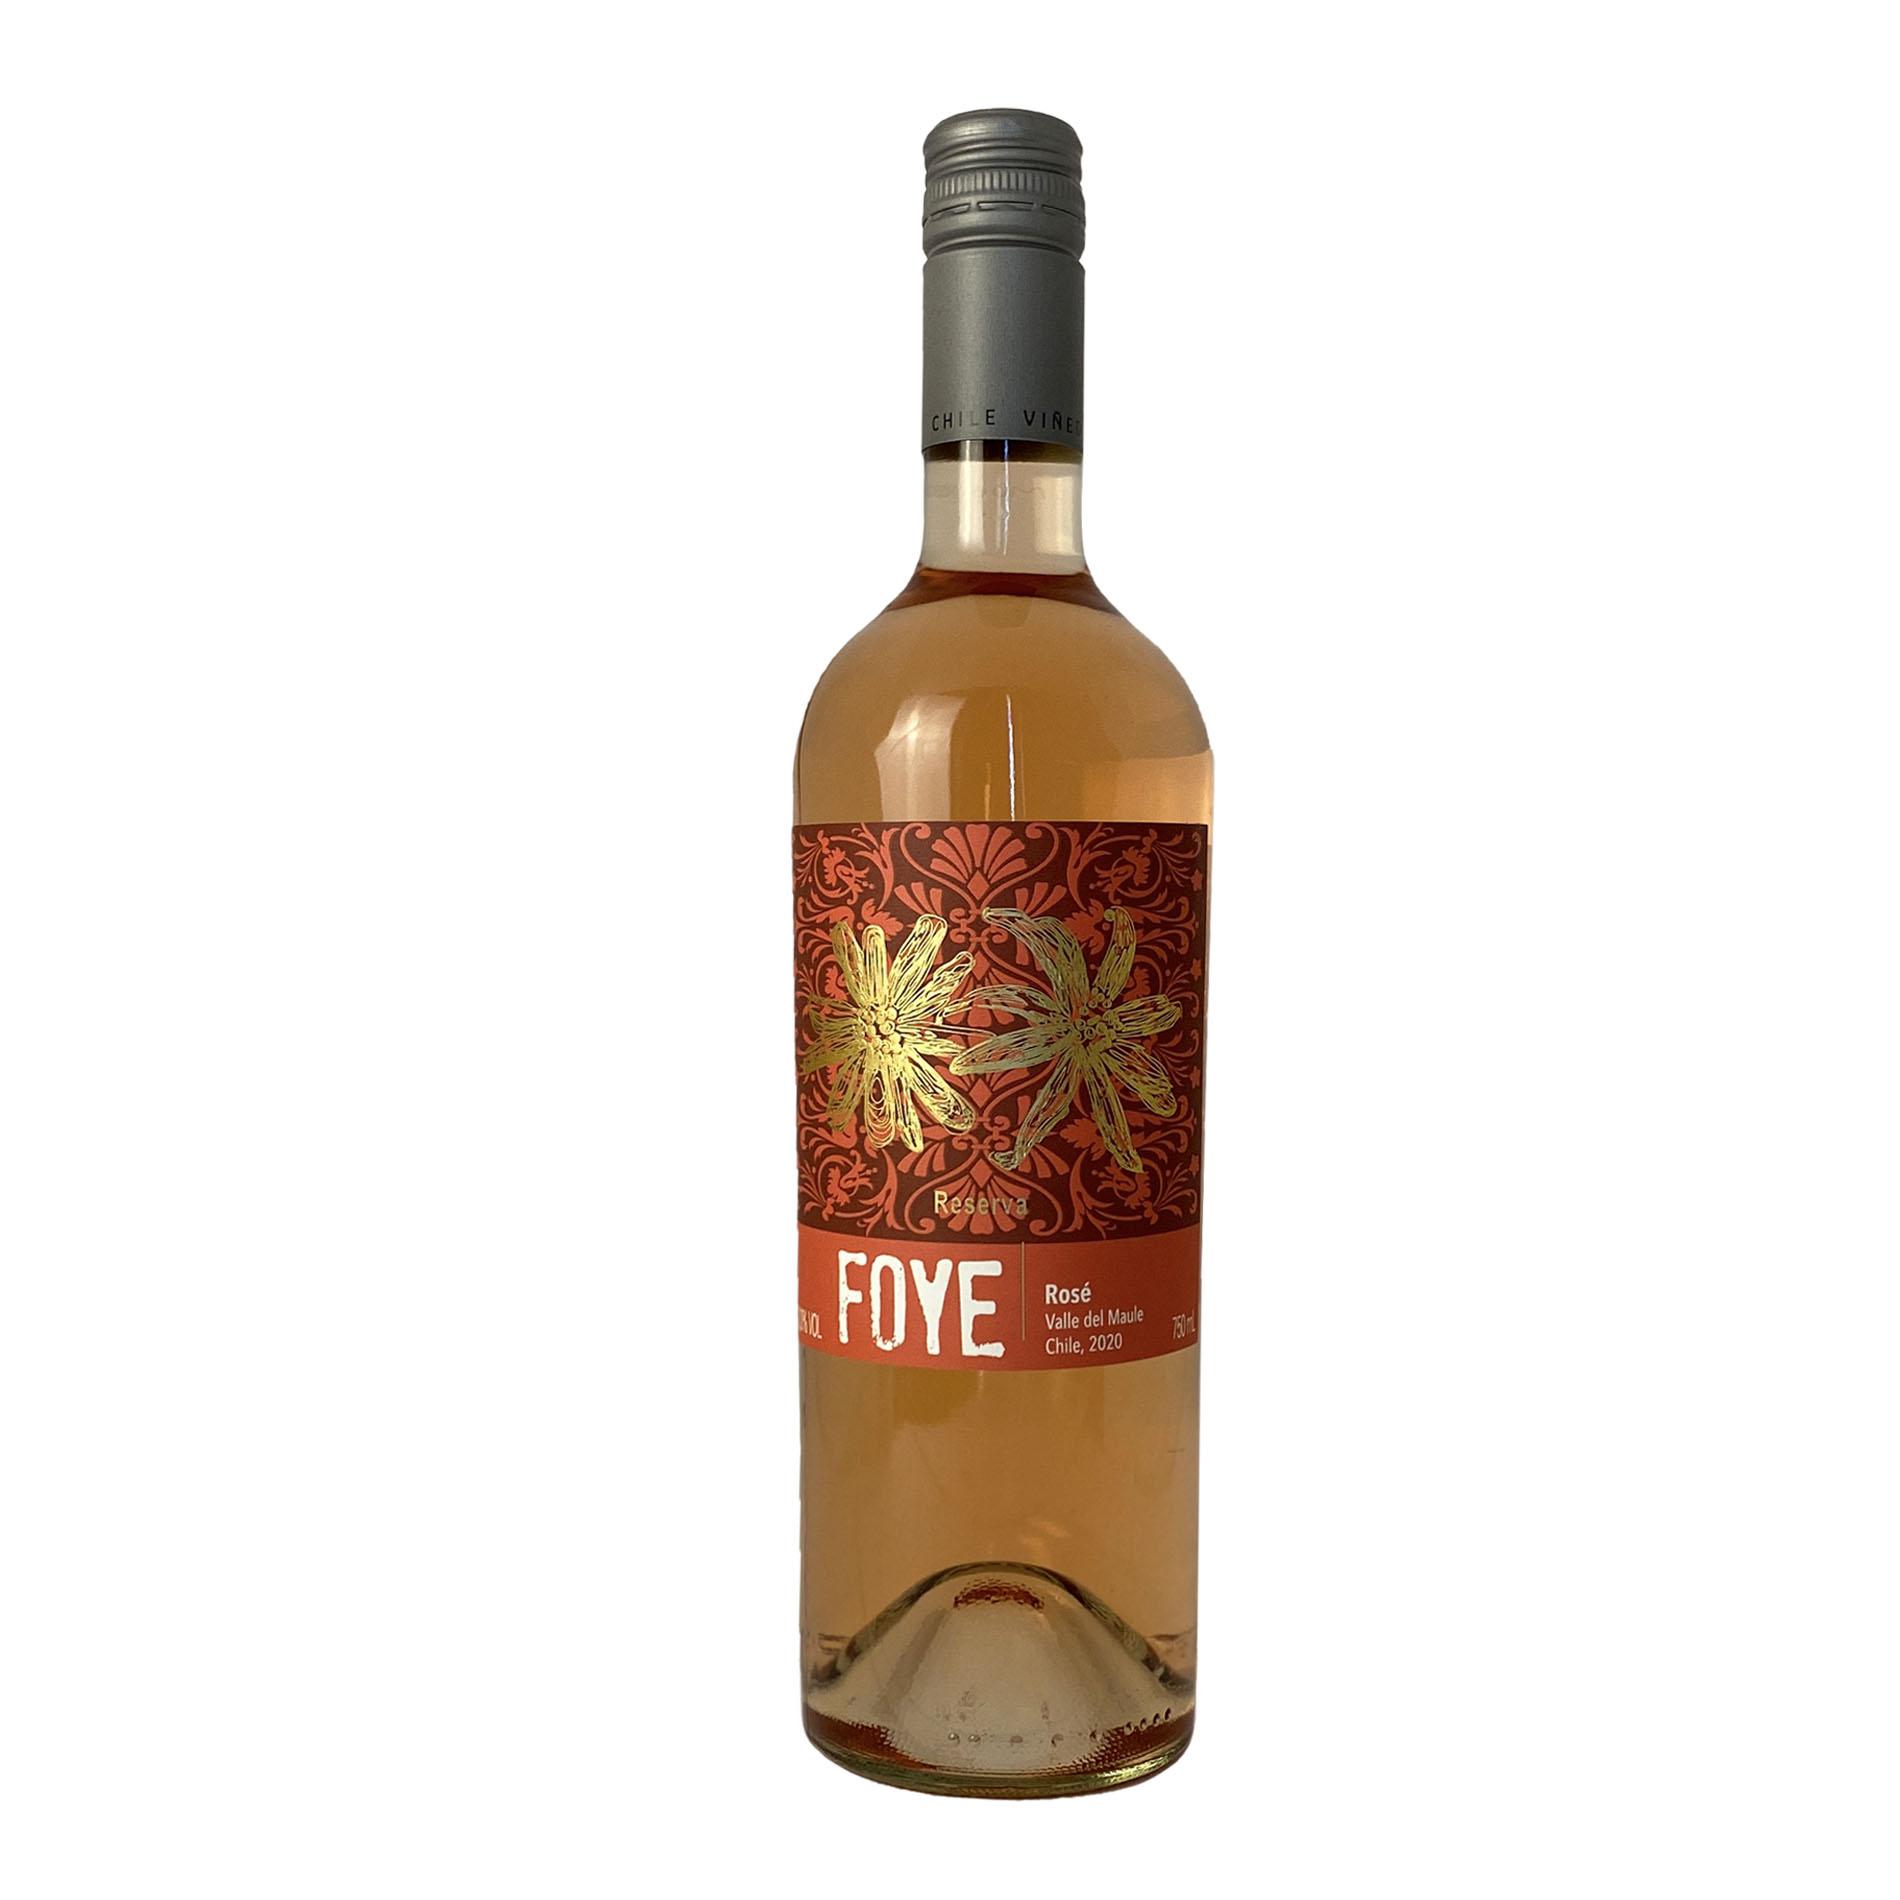 Foye Reserva Rose  - Vinerize